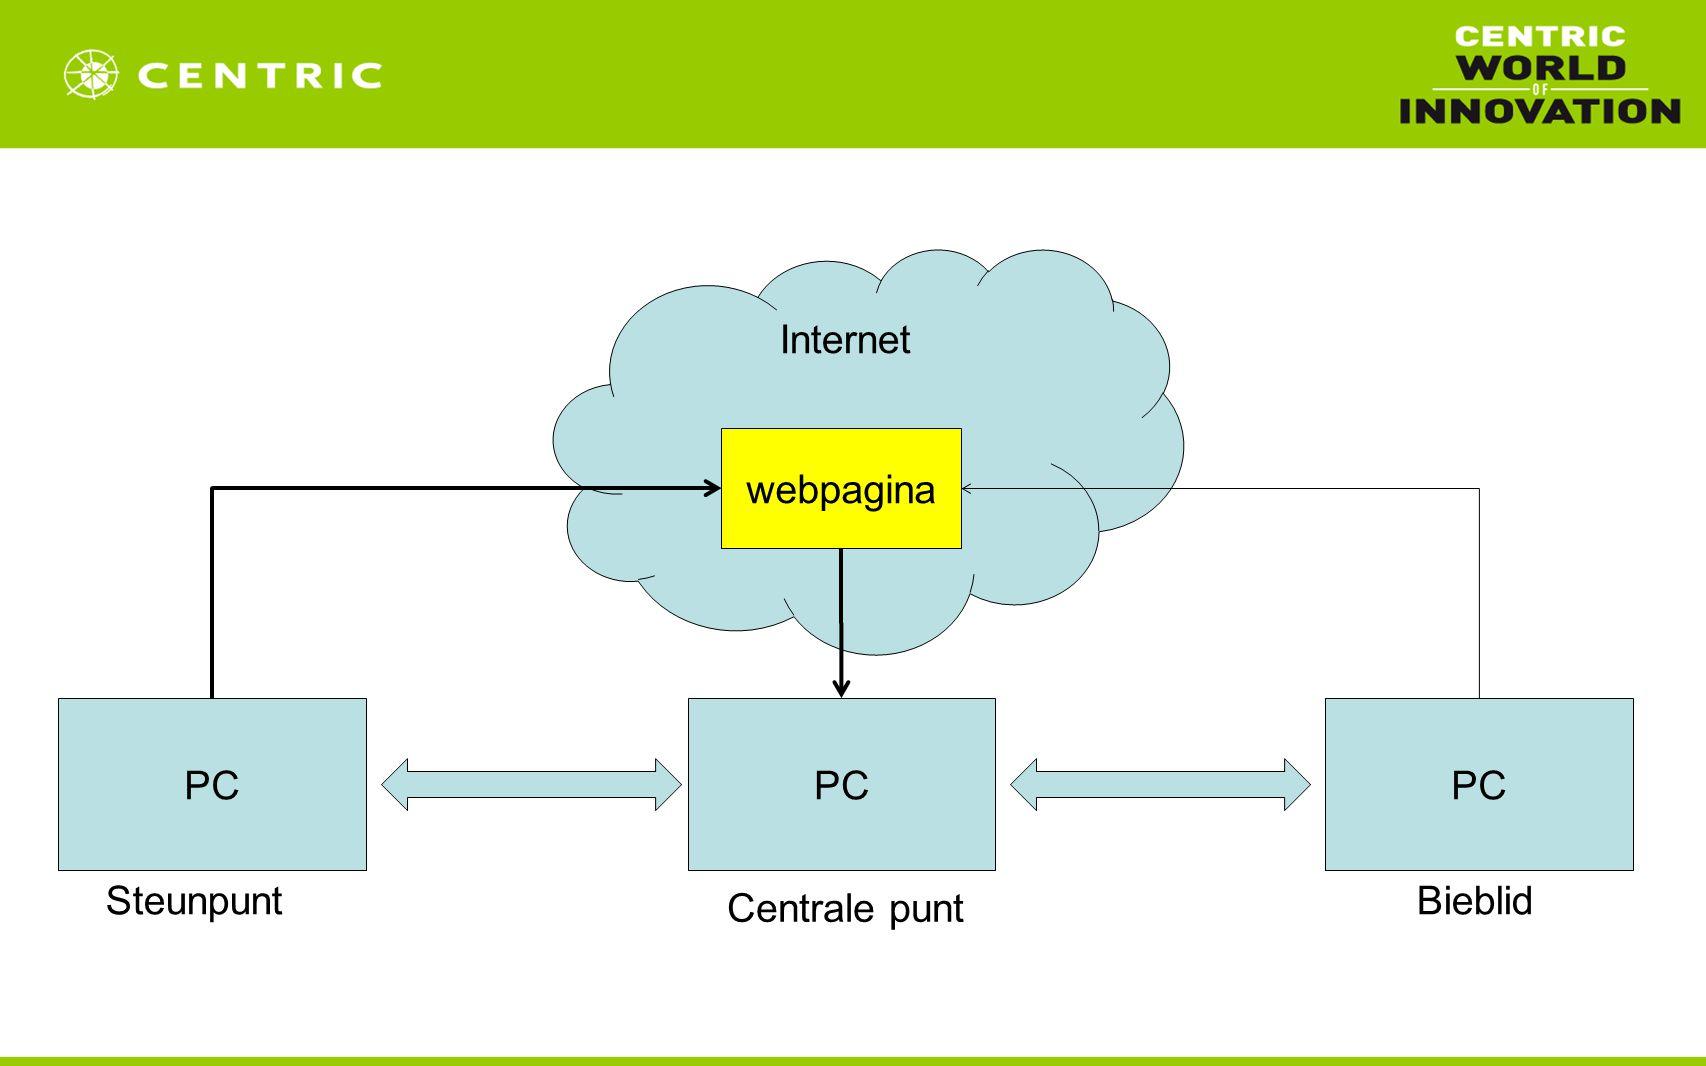 Internet PC webpagina PC Steunpunt Centrale punt PC Bieblid